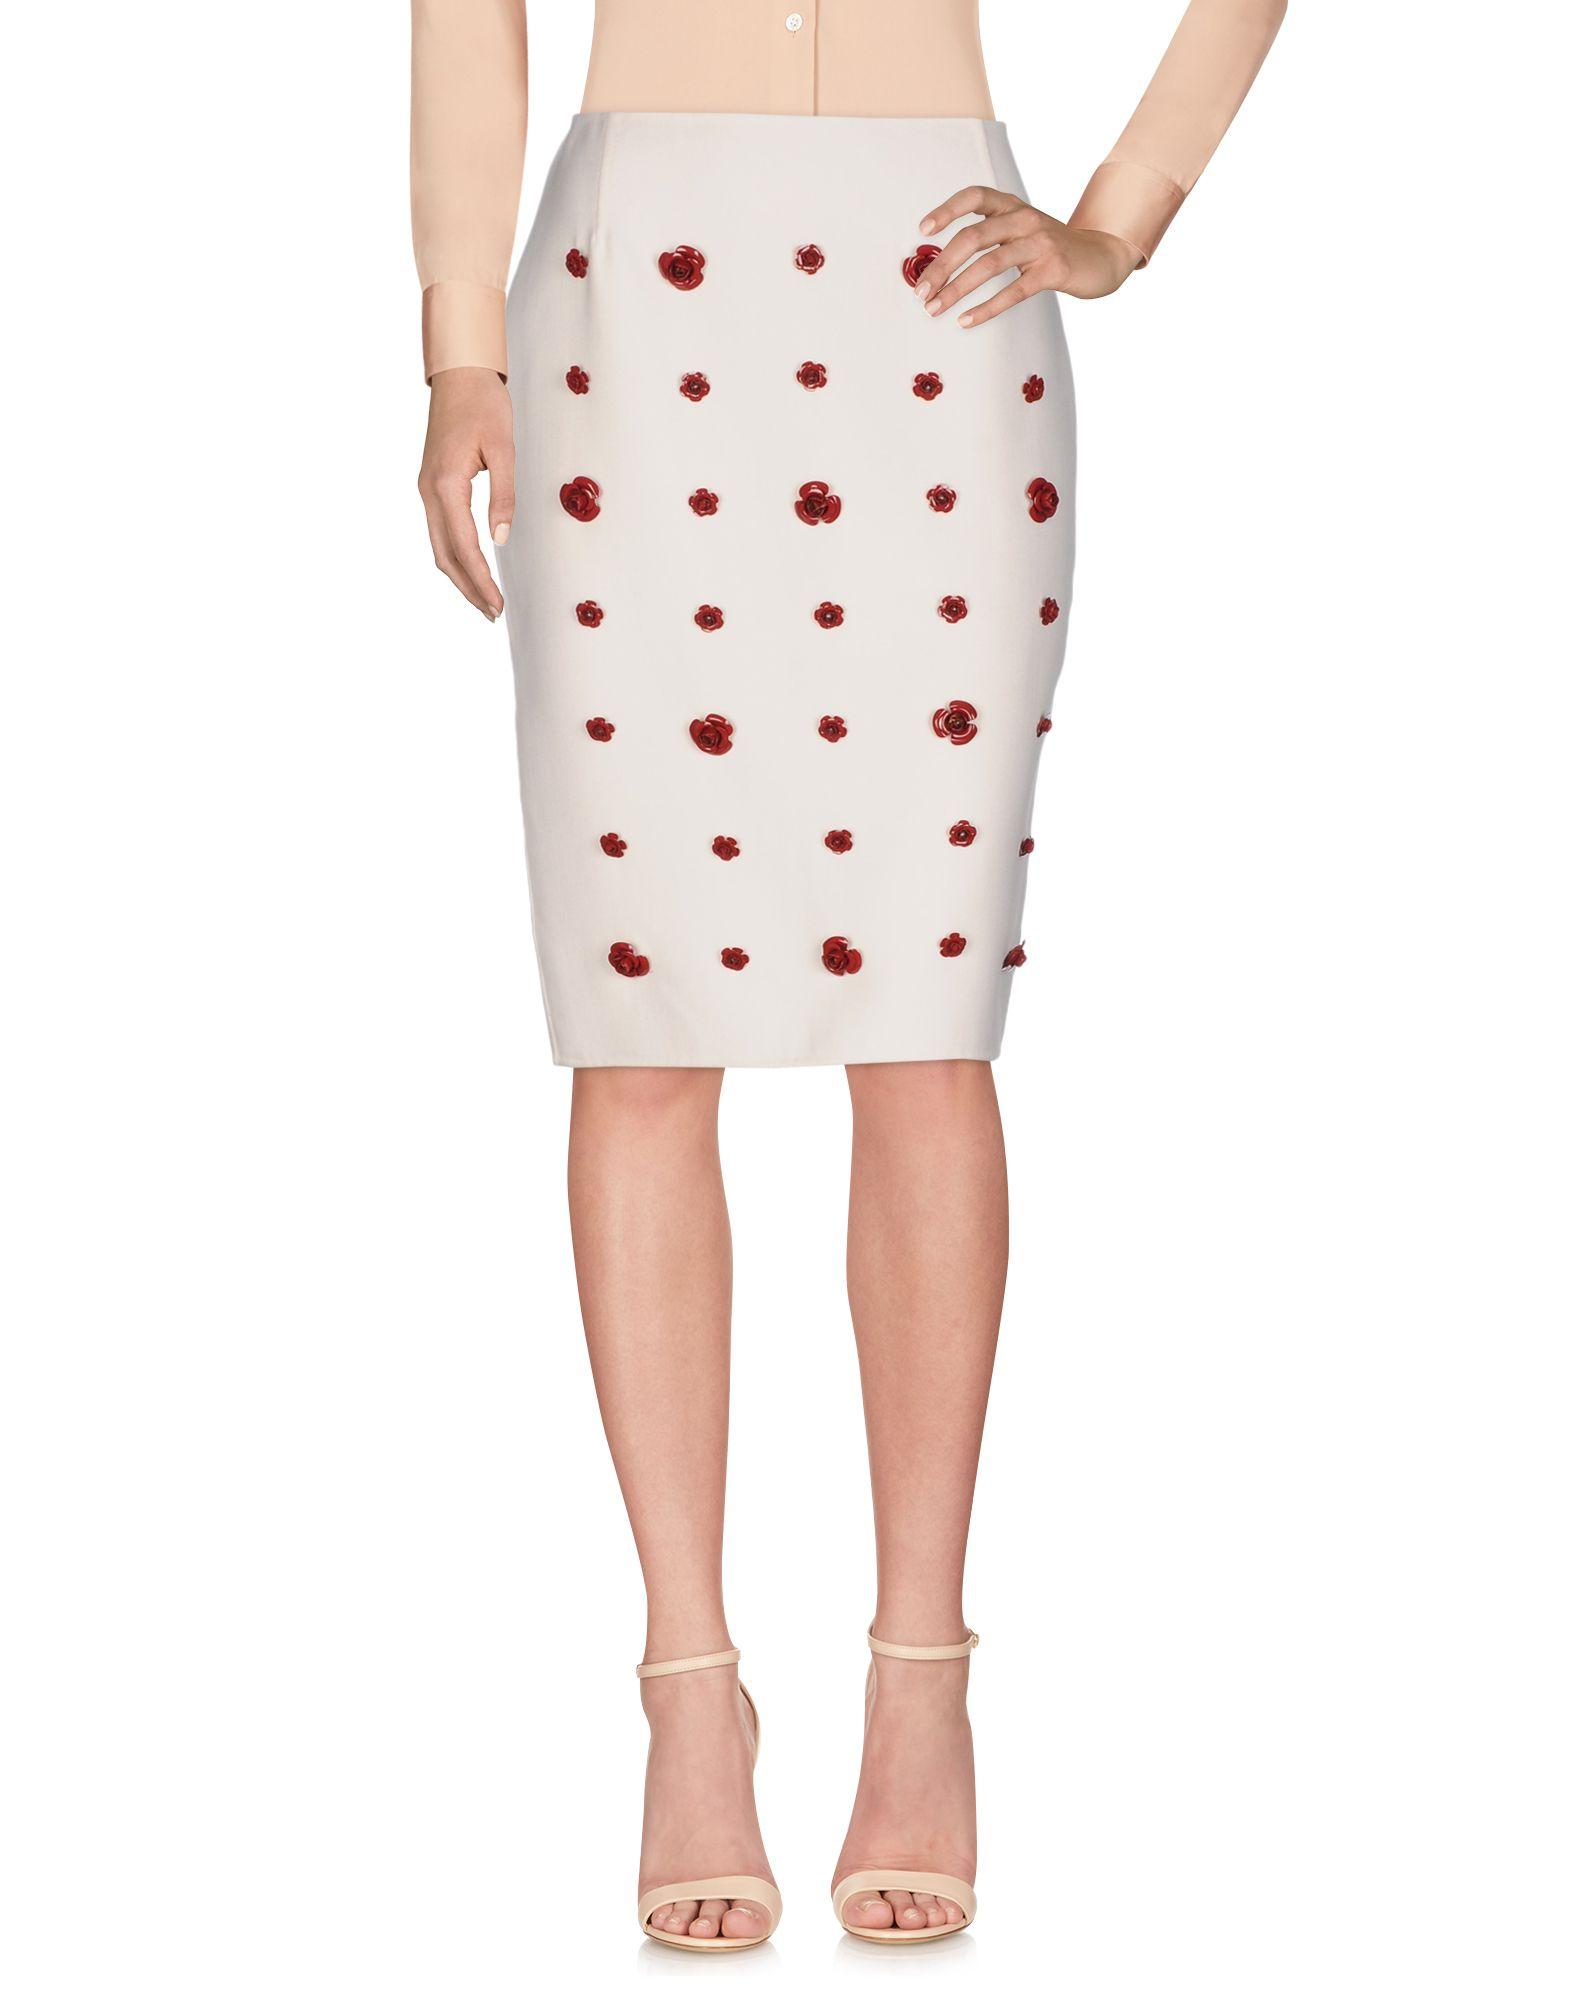 ESME VIE Knee Length Skirt in Ivory